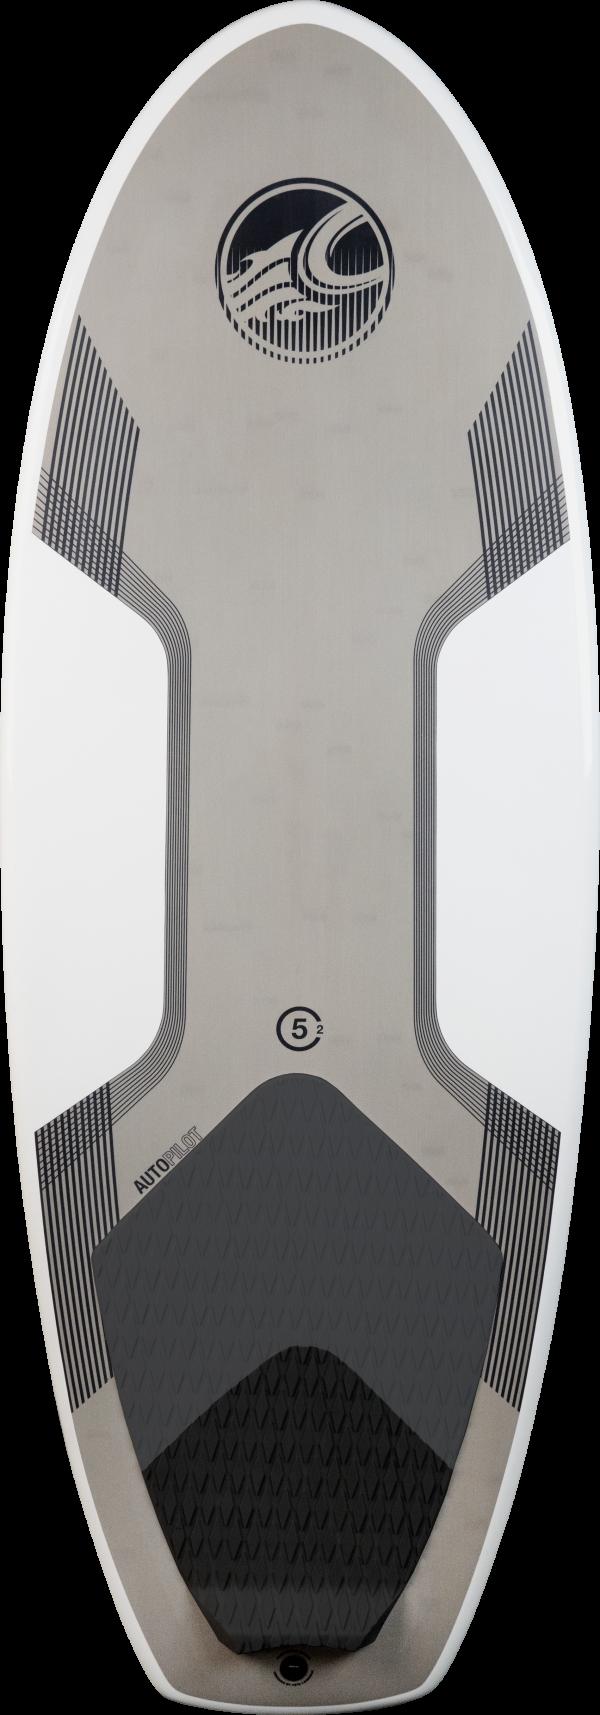 Cabrinha Autopilot Surf/Kite Foil 2020